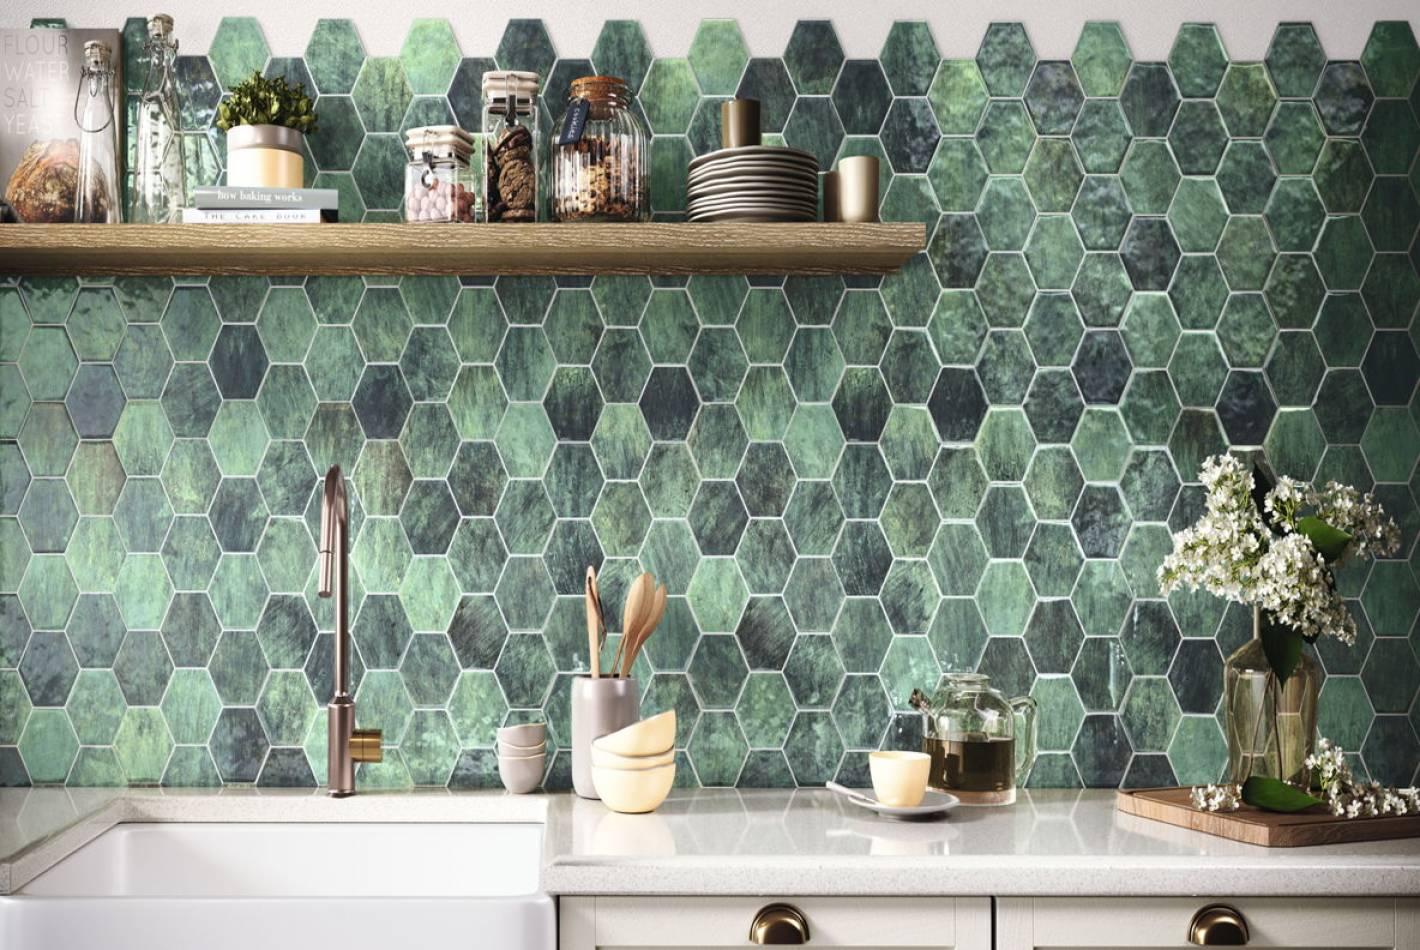 Kuchnia z płytkami heksagonalnymi w kolorze zielonym